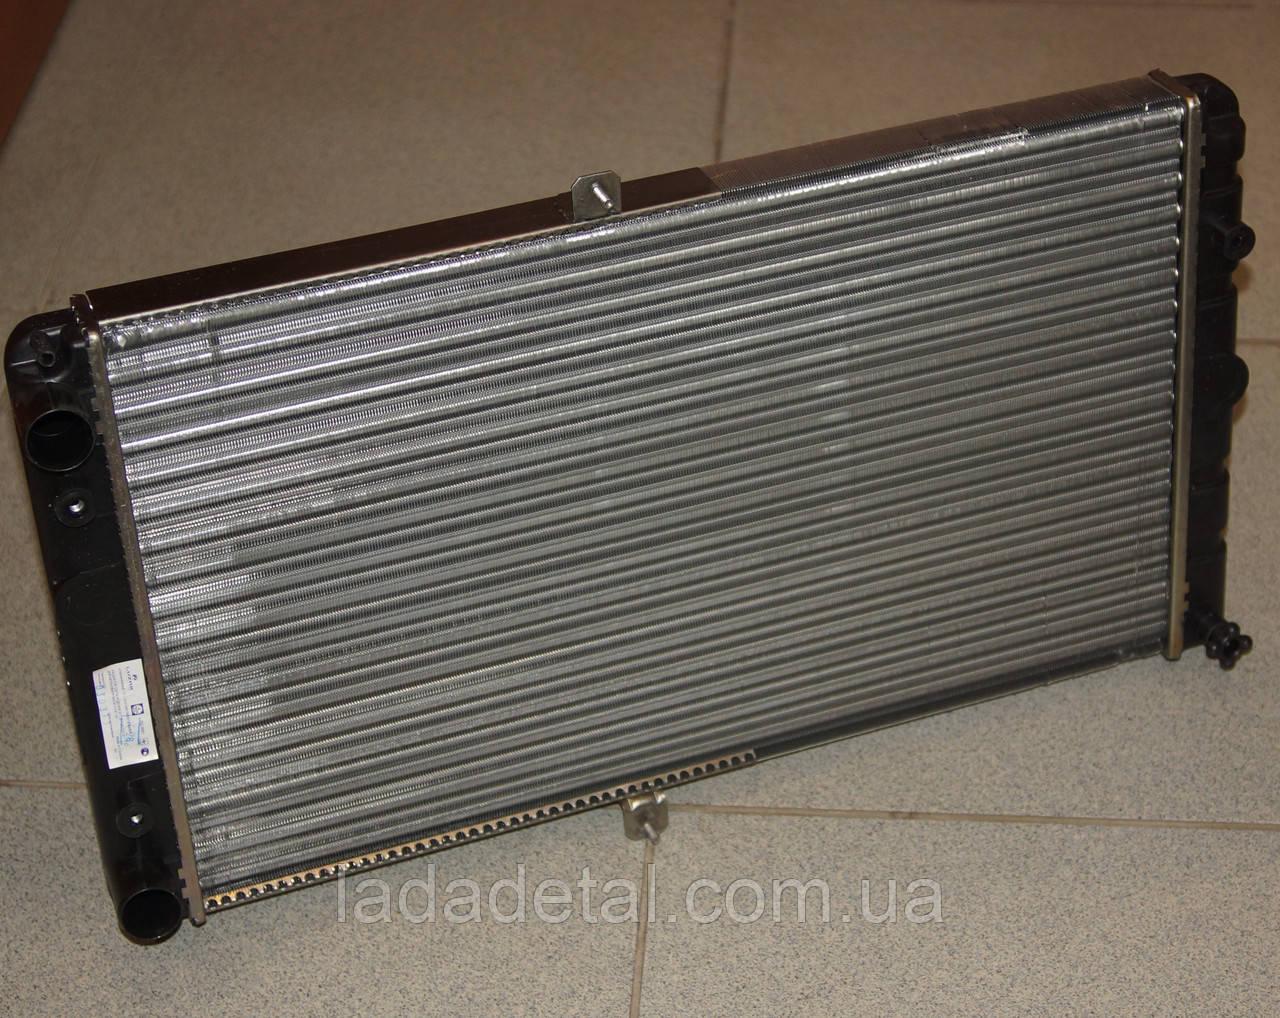 Радиатор ВАЗ 2110 2111 2112 (до 2007 г.в.) Лузар LRc 0112, фото 1